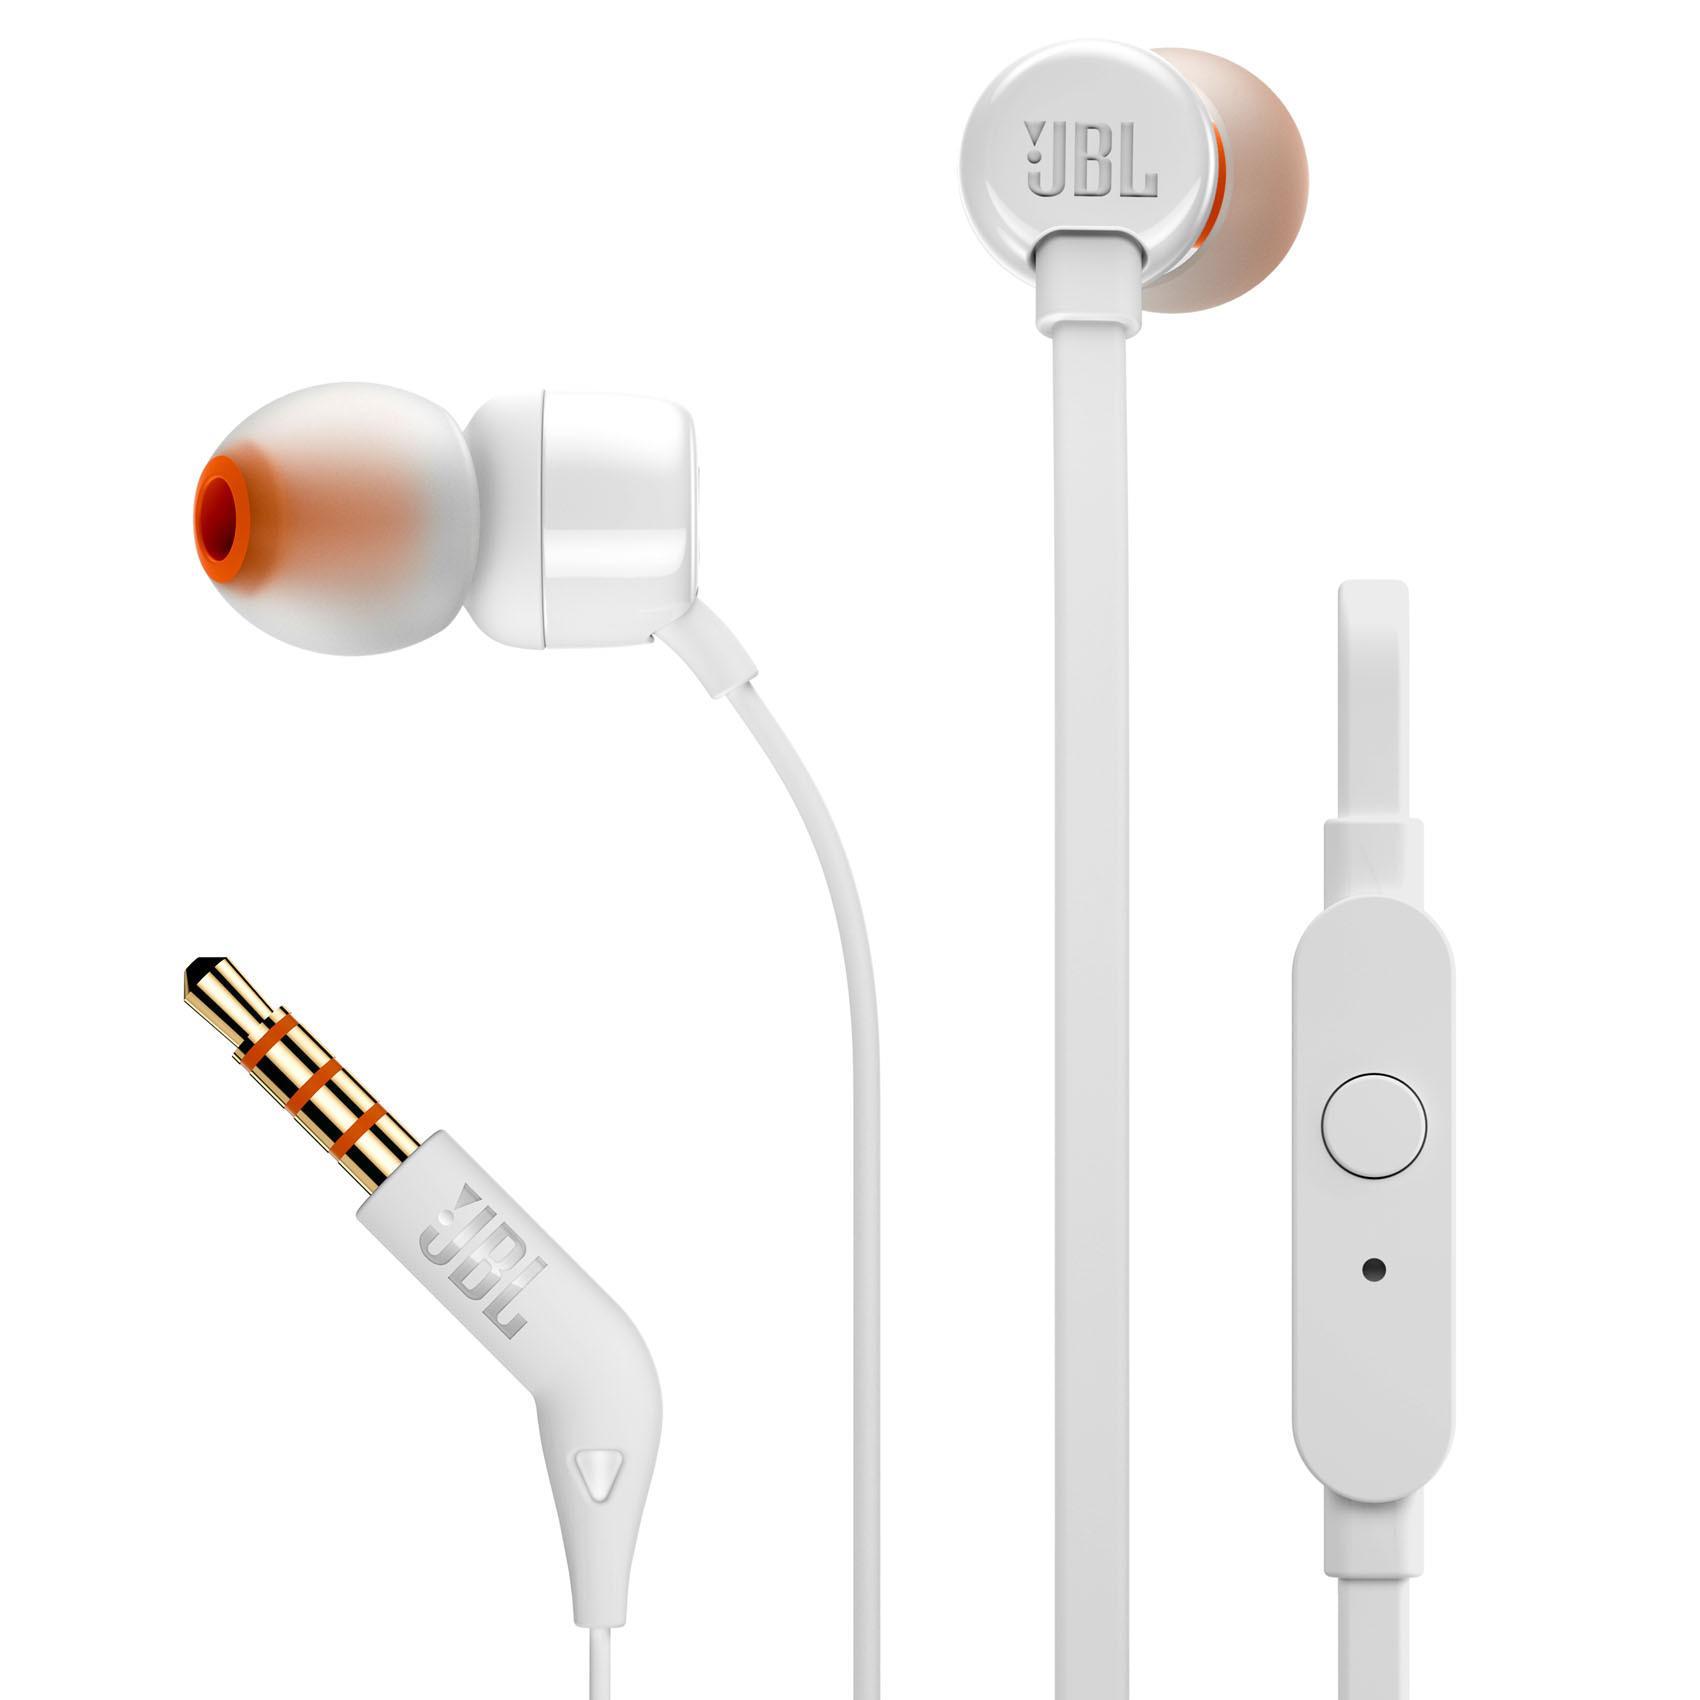 JBL EARPHONE T110 WH